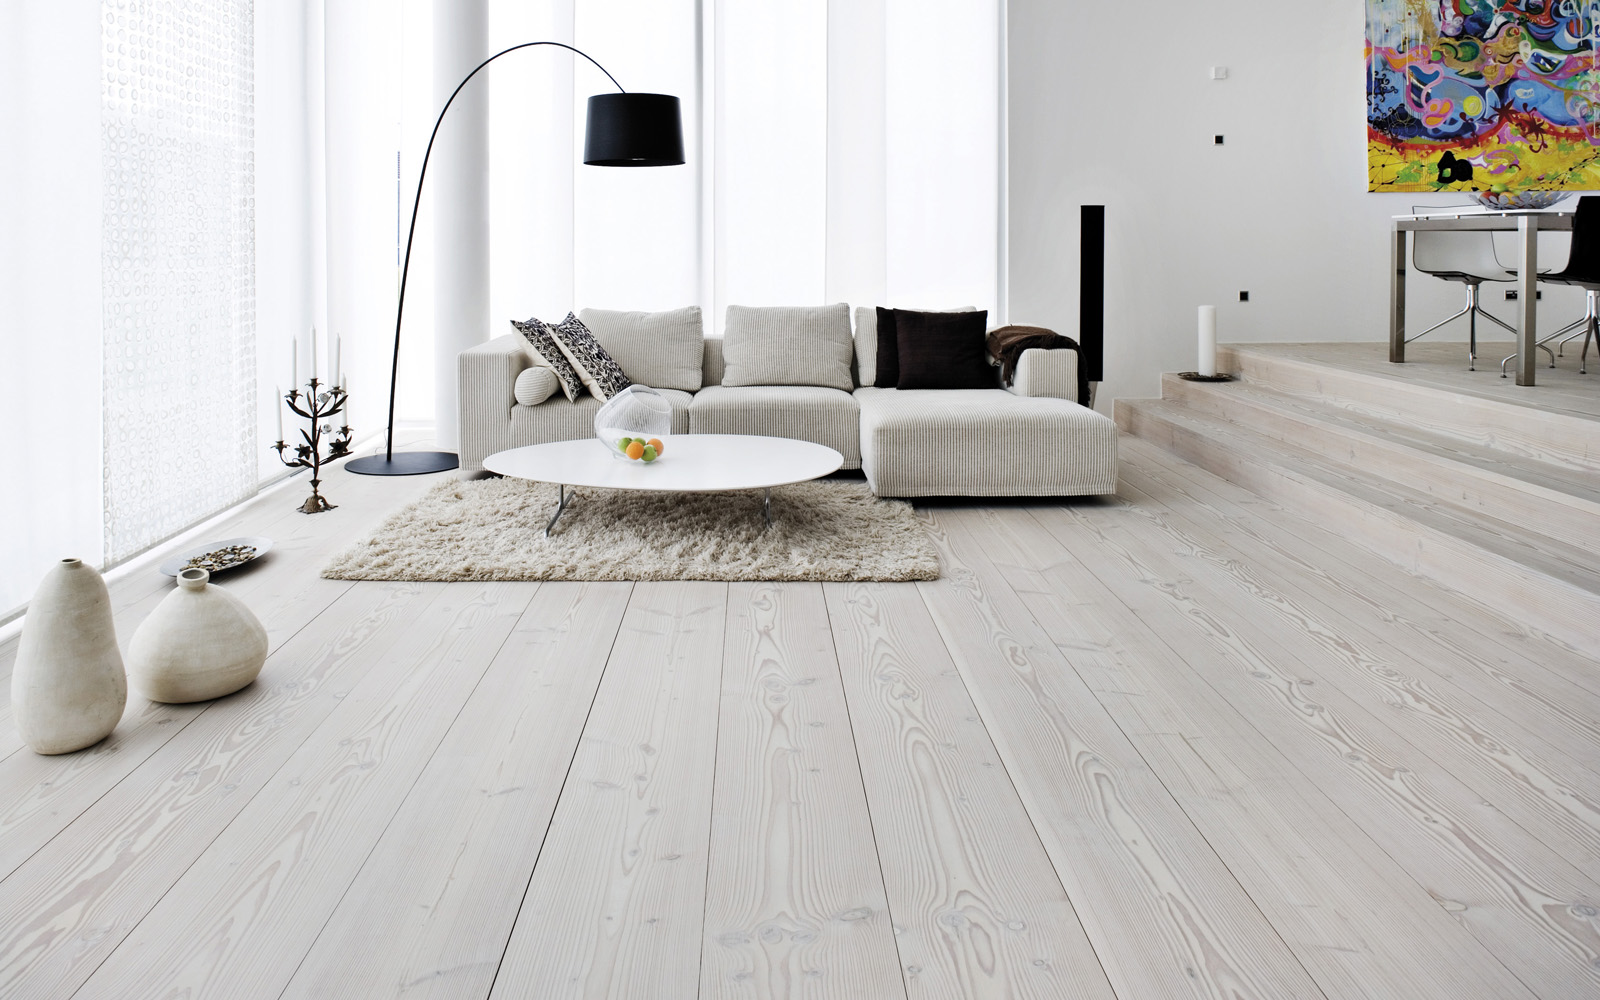 Puitpõranda ehitamine või taastamine – kas on vaeva väärt?